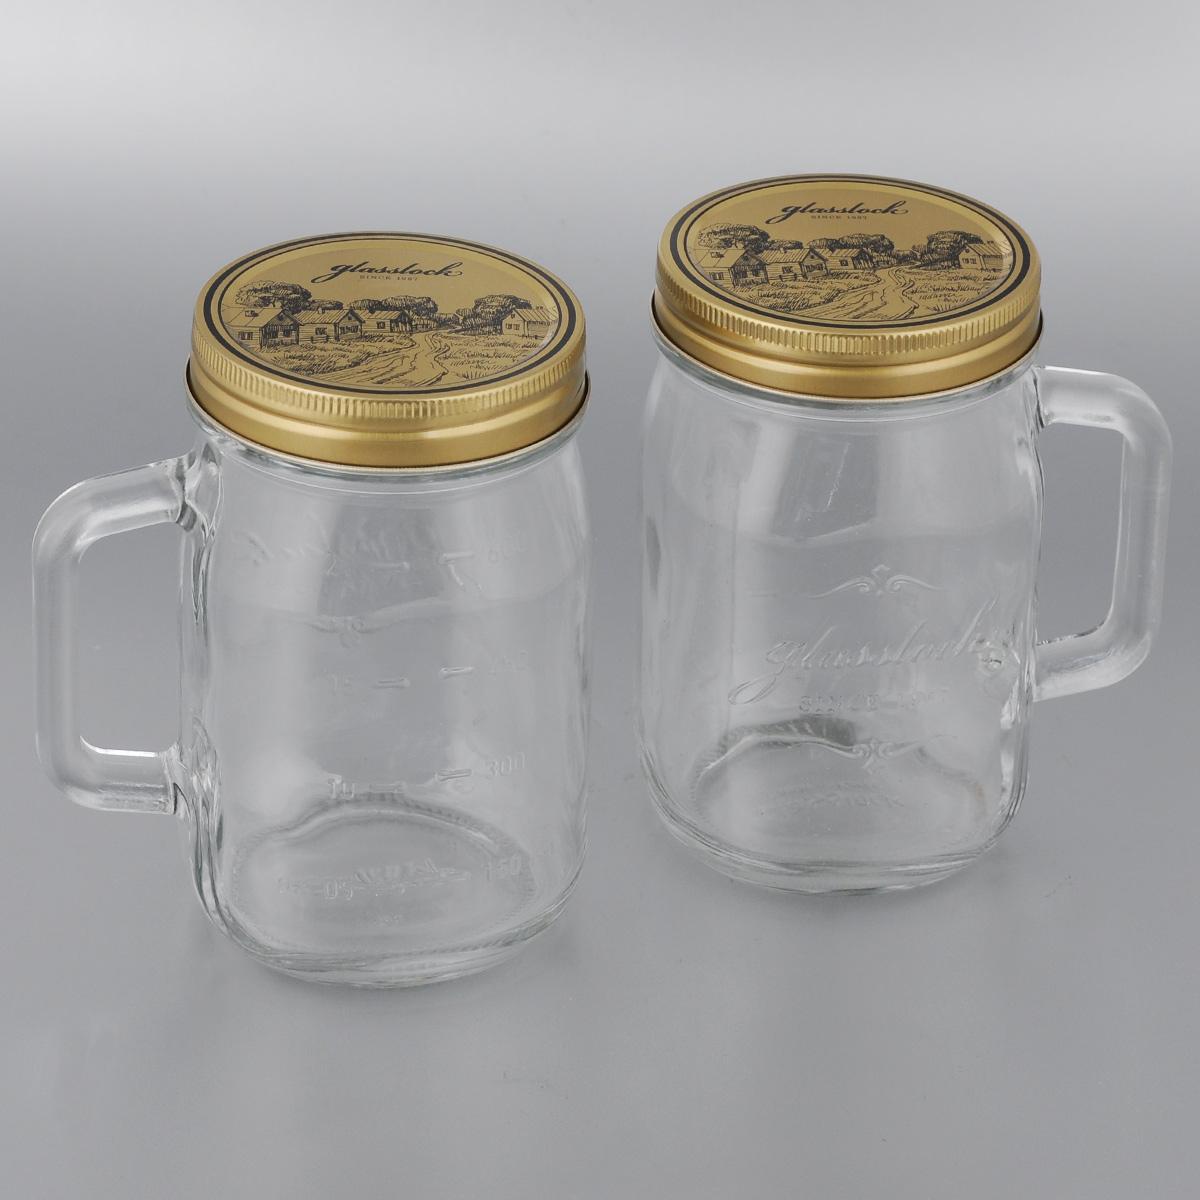 Набор банок для сыпучих продуктов Glasslock, 750 мл, 2 штSC-FD421004Банки для хранения Glasslock, изготовленные из прочного прозрачного стекла, оснащены металлическими крышками и удобными ручками. На стенках имеется мерная шкала. Изделия подходят для специй, чая, кофе, круп, сахара и соли и многого другого. Такие банки стильно дополнят интерьер кухни и помогут эффективно организовать пространство.Диаметр банки (по верхнему краю): 8 см.Диаметр основания банки: 7 см.Высота банки (с учетом крышки): 14,5 см.Ширина банки (с учетом ручки): 13 см.